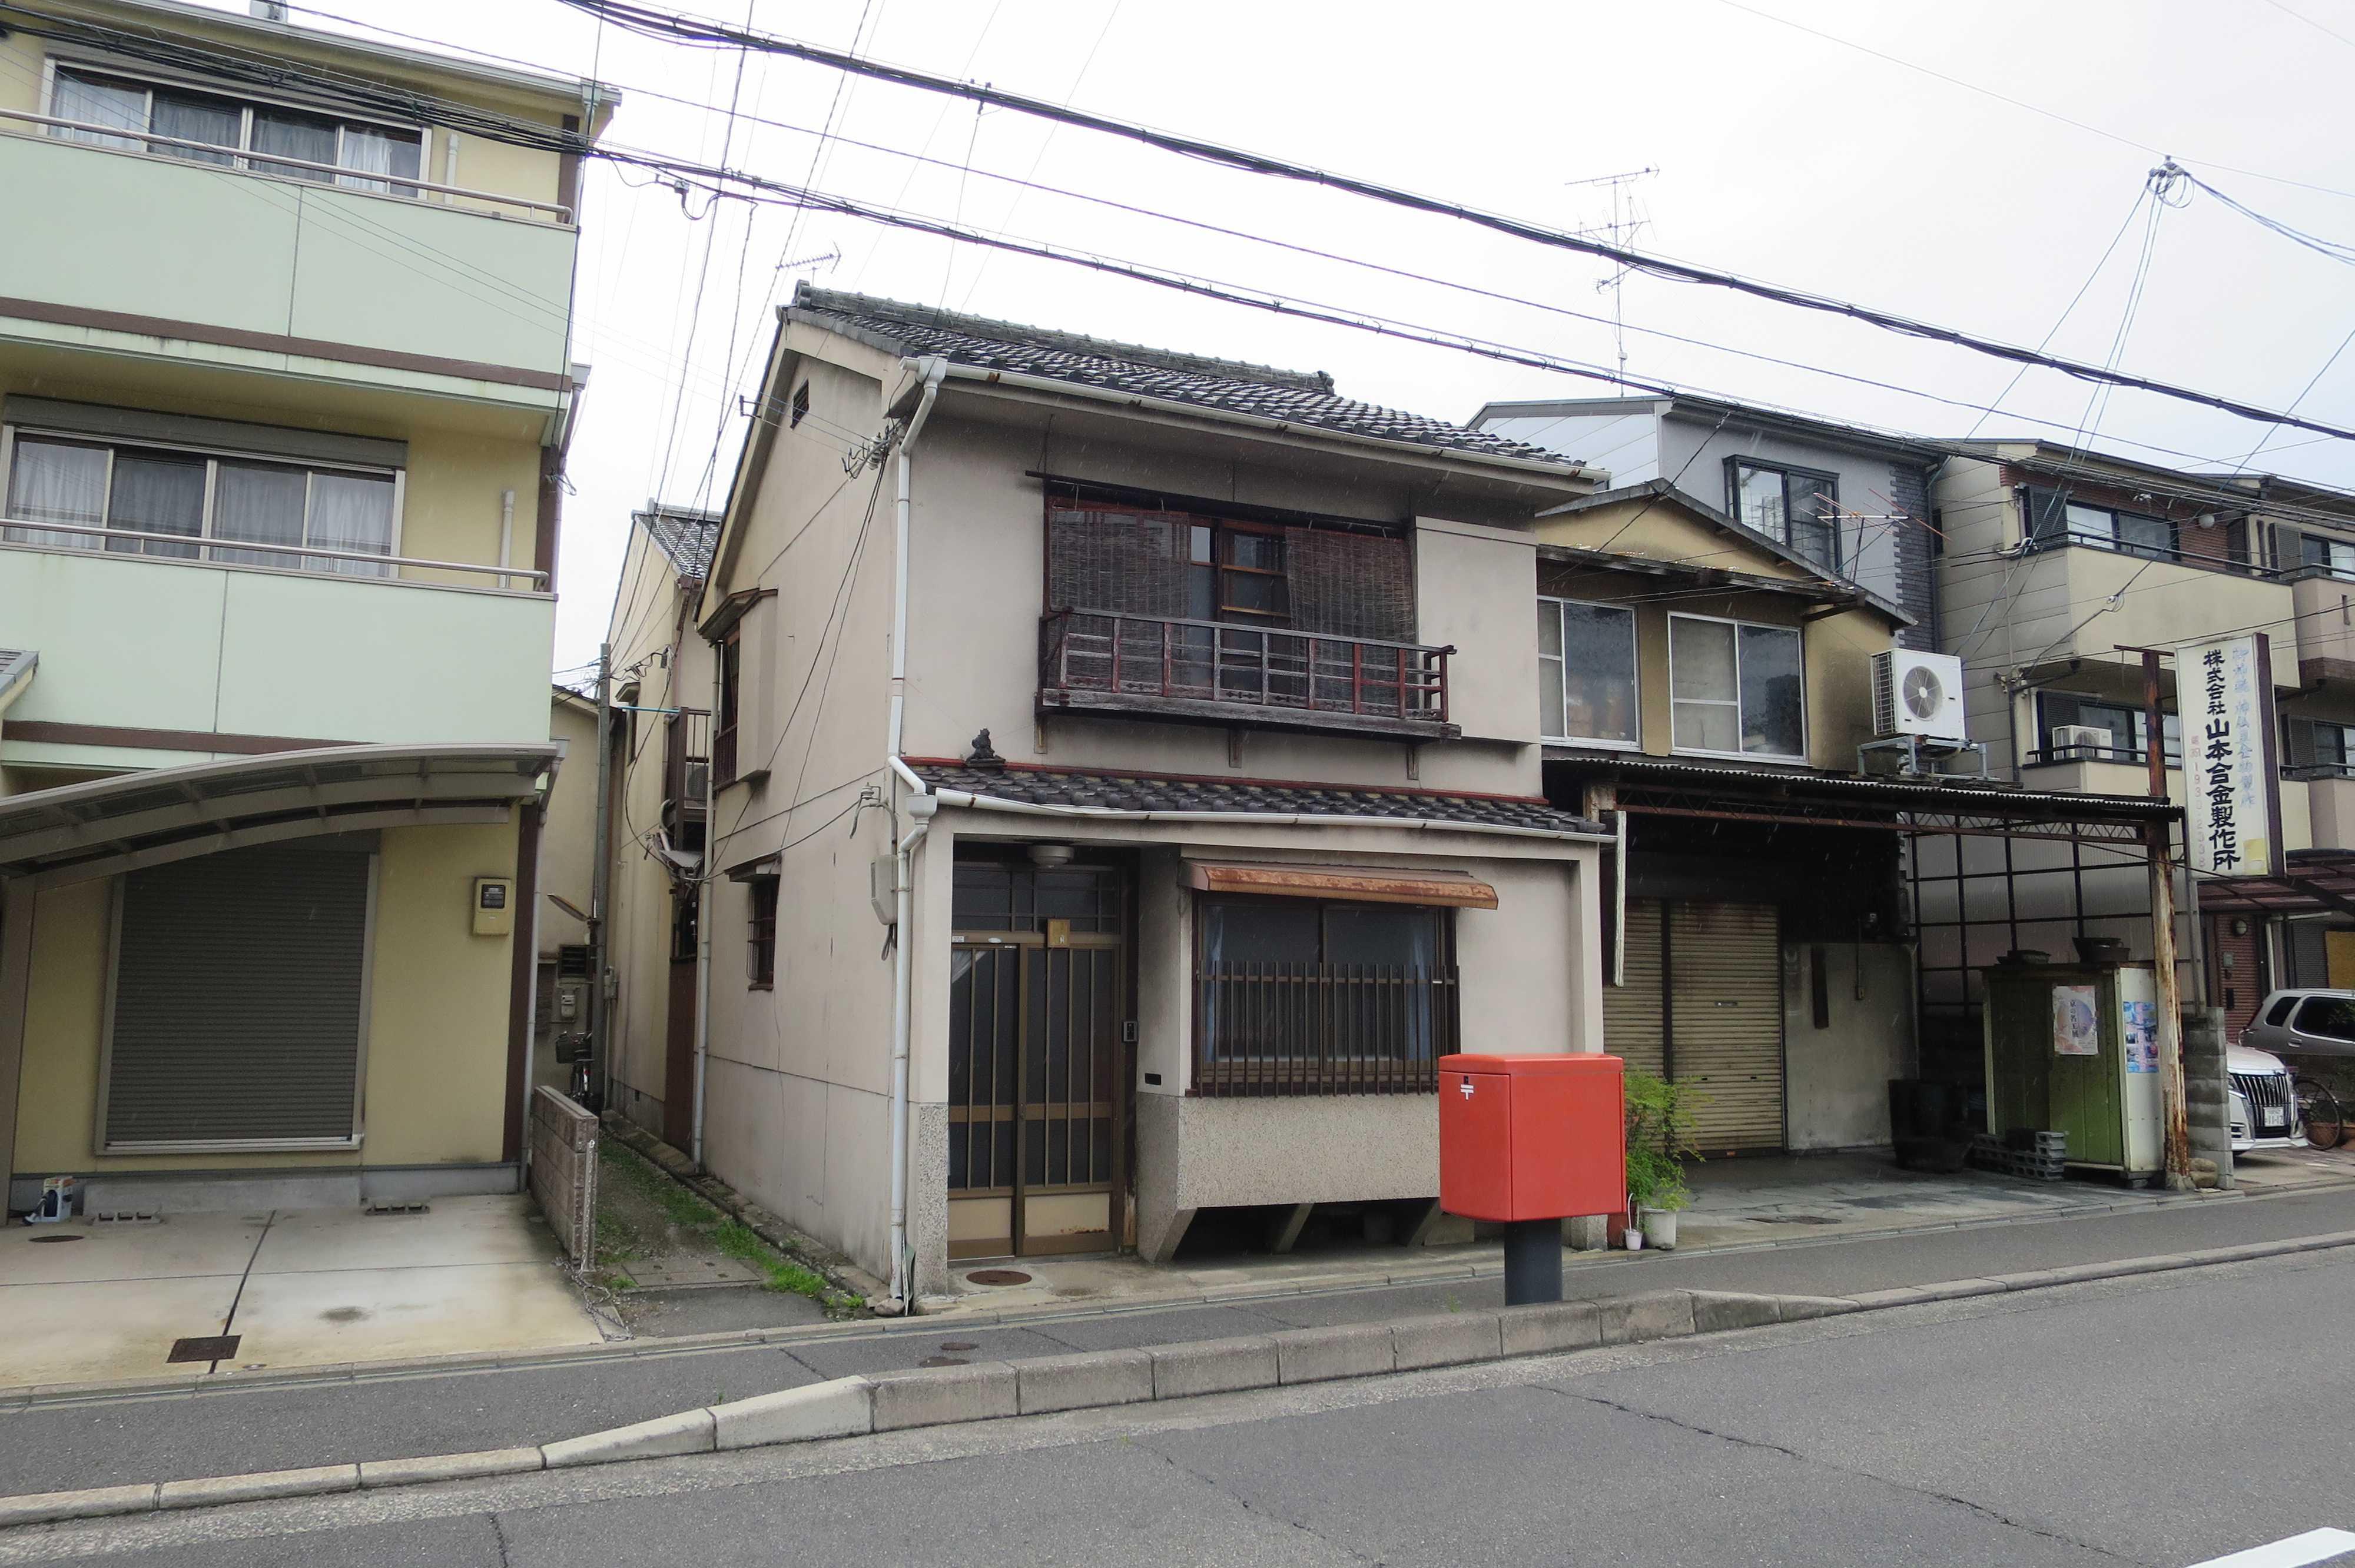 赤い郵便ポストが目立つ京都の街